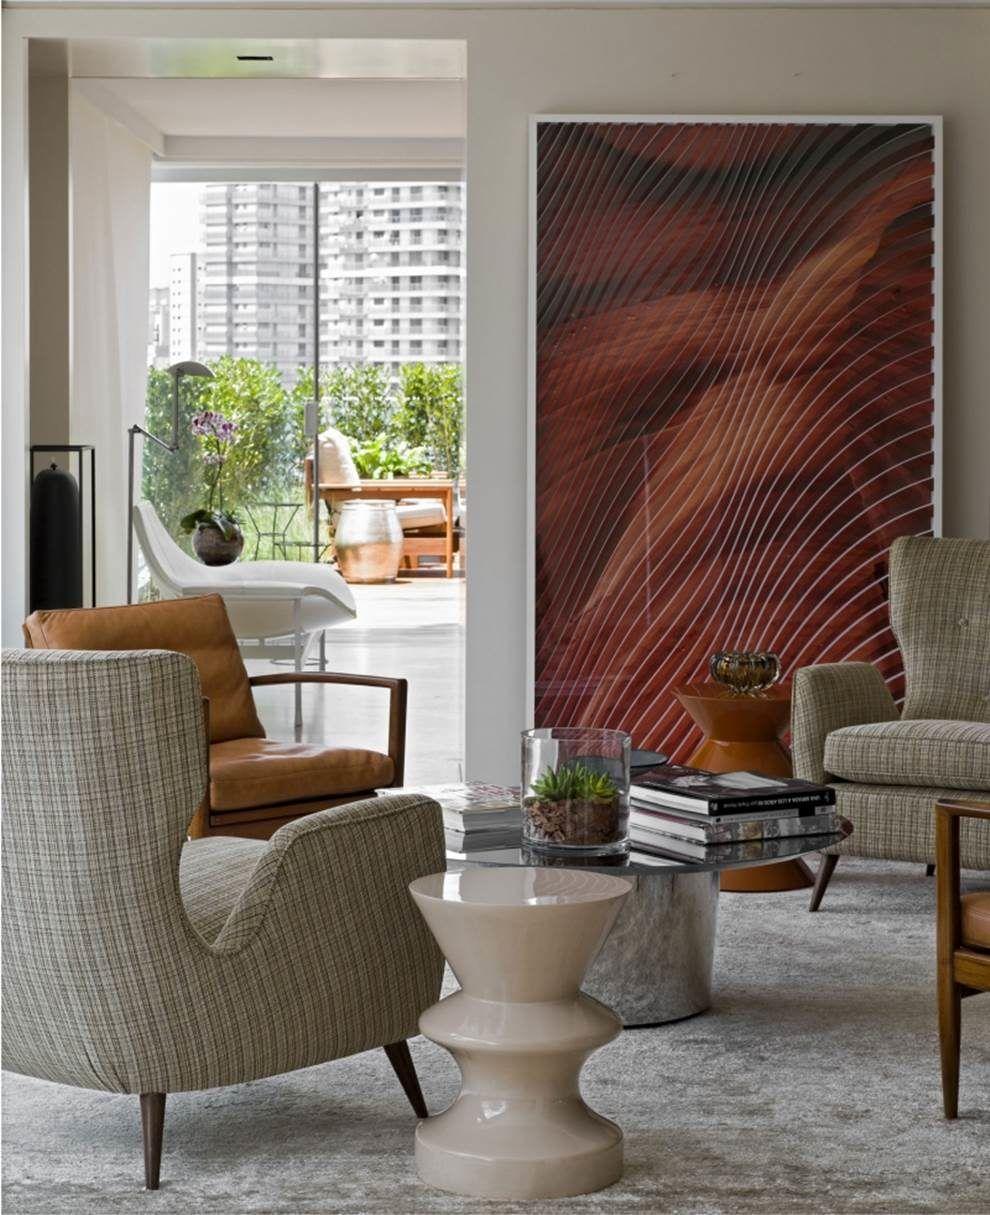 Sala de bate papo, tendência na decoração de interiores